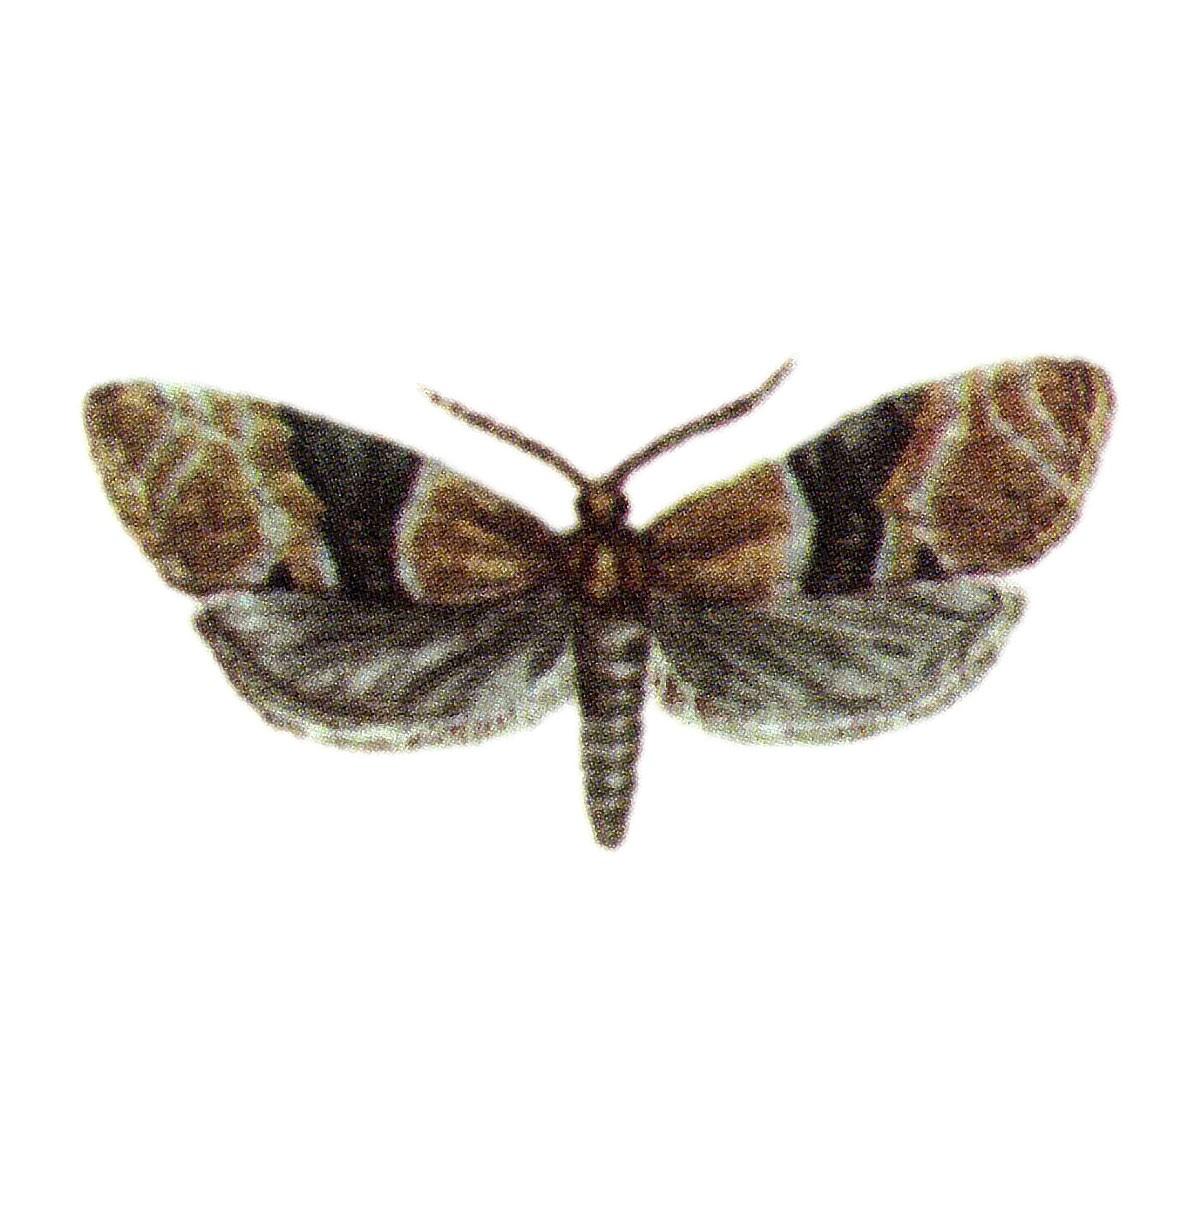 Einbindiger Traubenwickler (Eupoecilia ambiguella), Eupoewit®